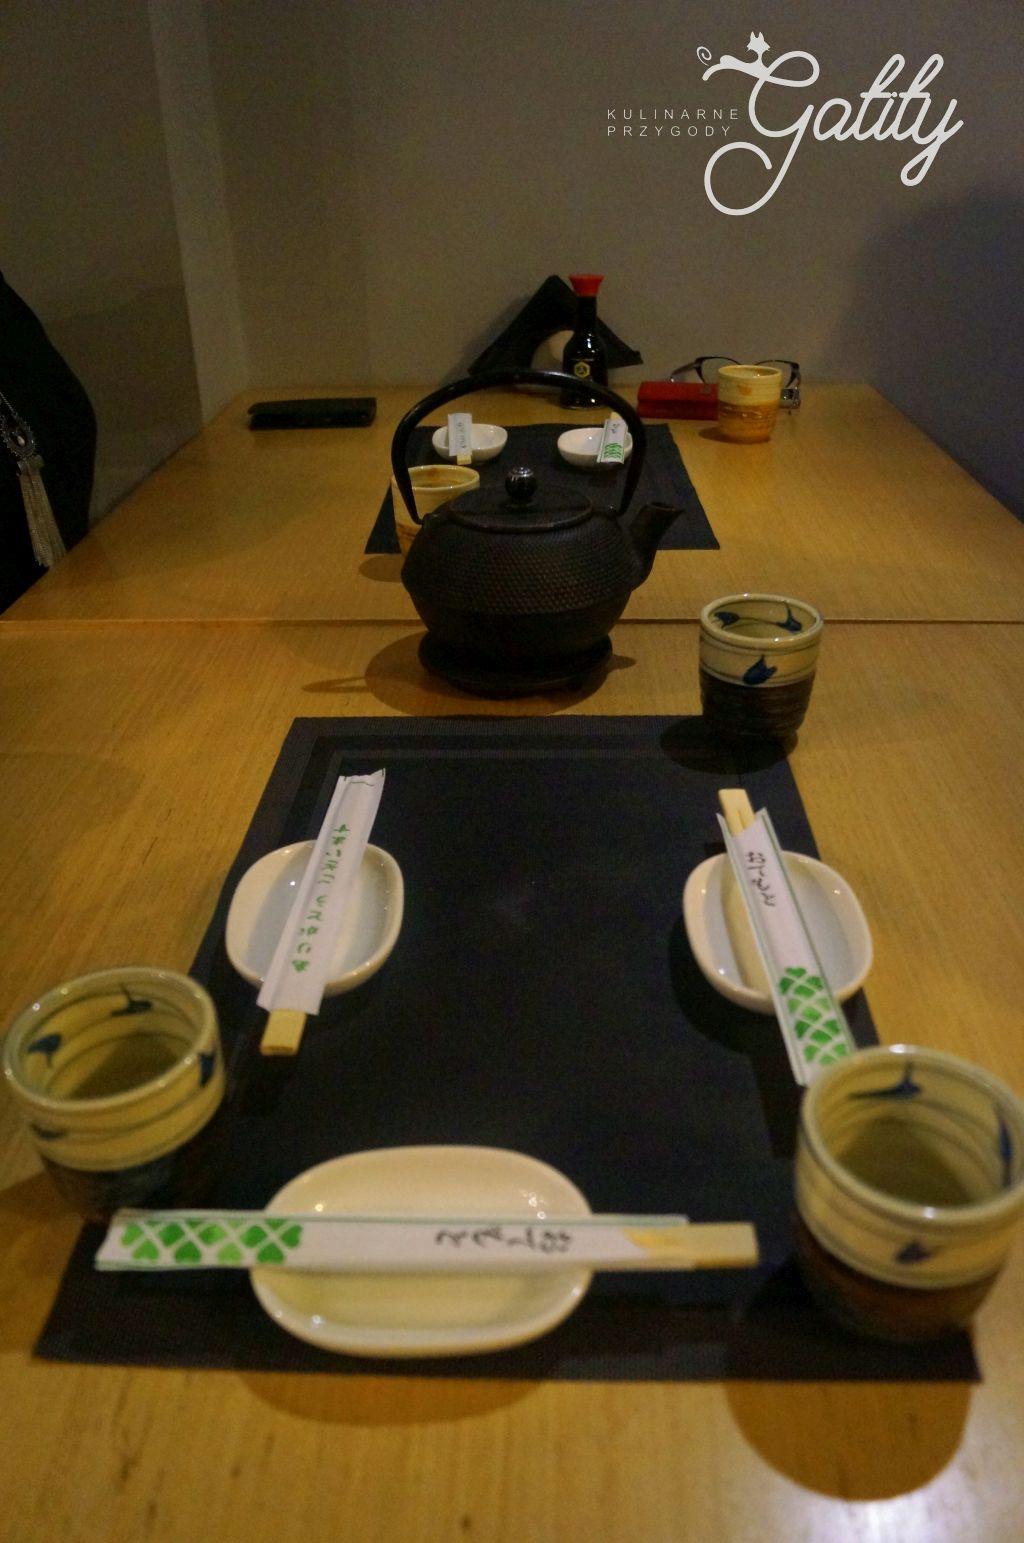 Ato Sushi Idealne Sushi W łodzi Kulinarne Przygody